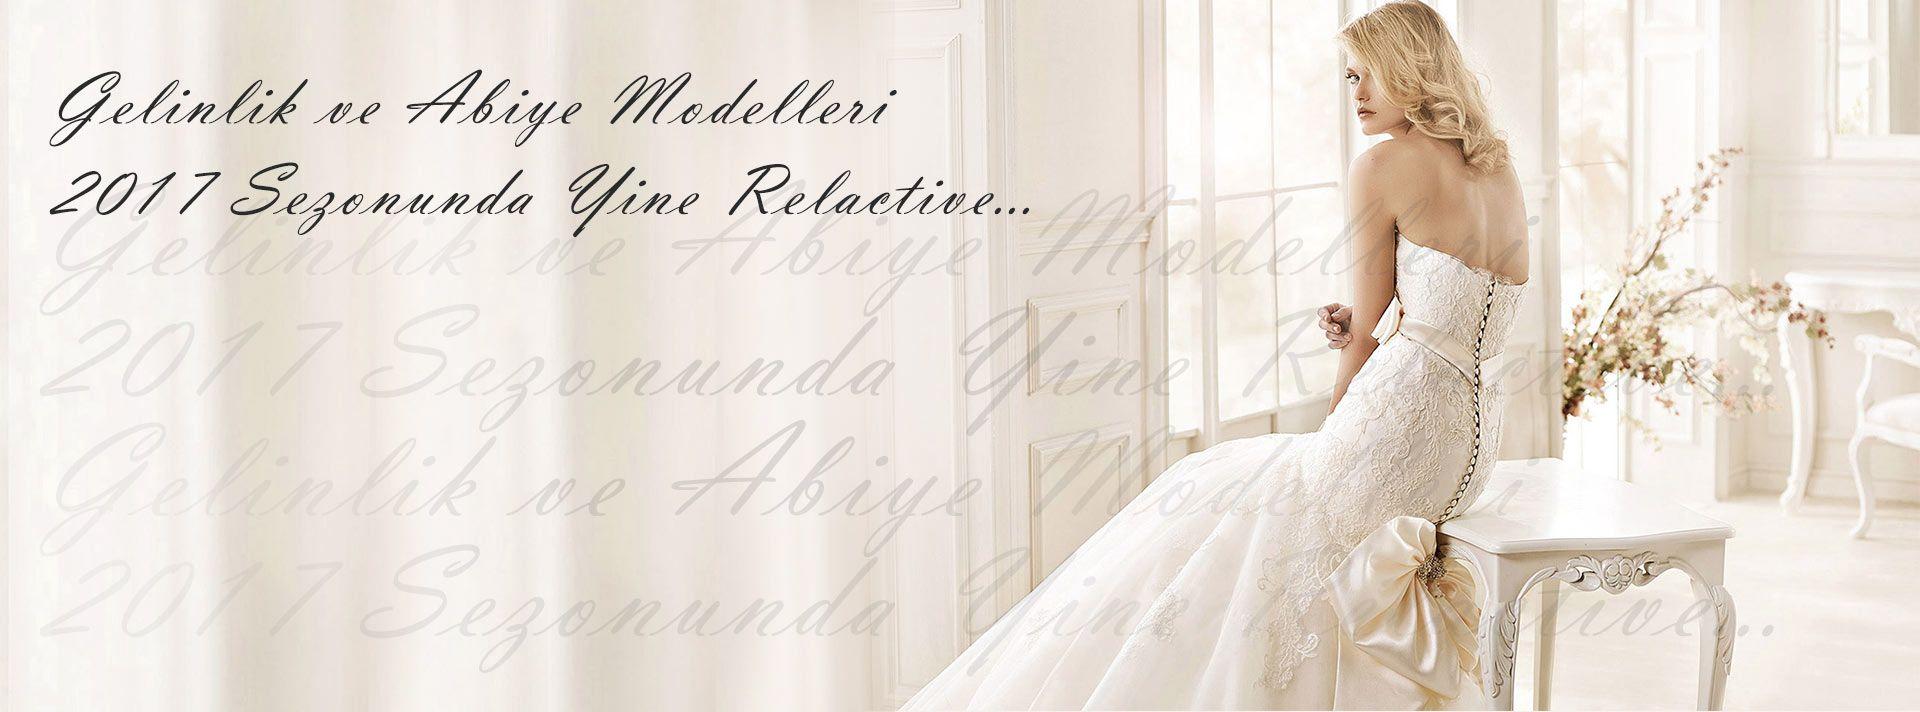 2fb084a6f6551 Gelinlik modelleri, Abiye modelleri | Bridal & Evening Dress ...